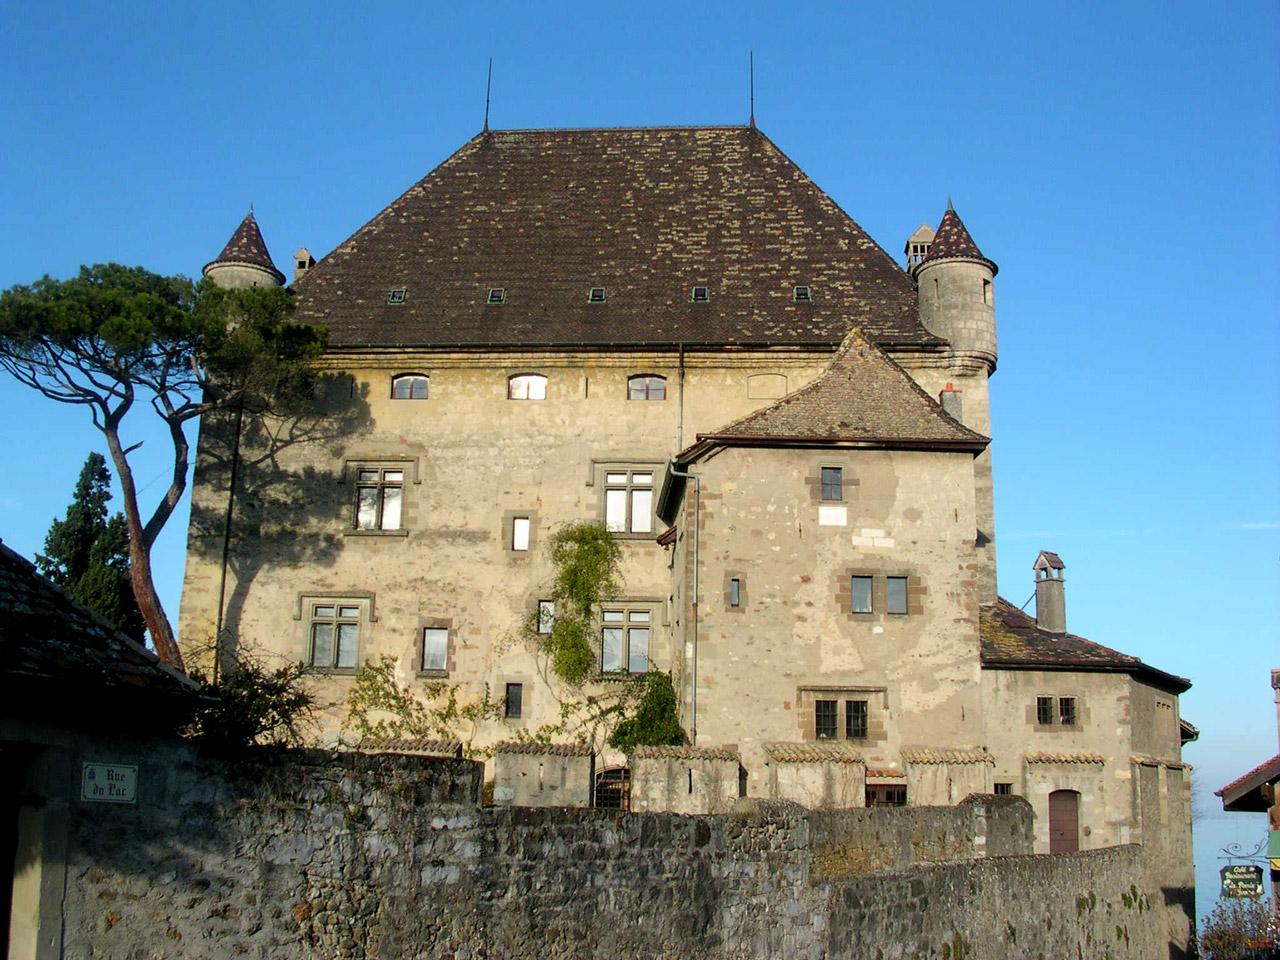 Le château d'Yvoire, figure incontournable du village.